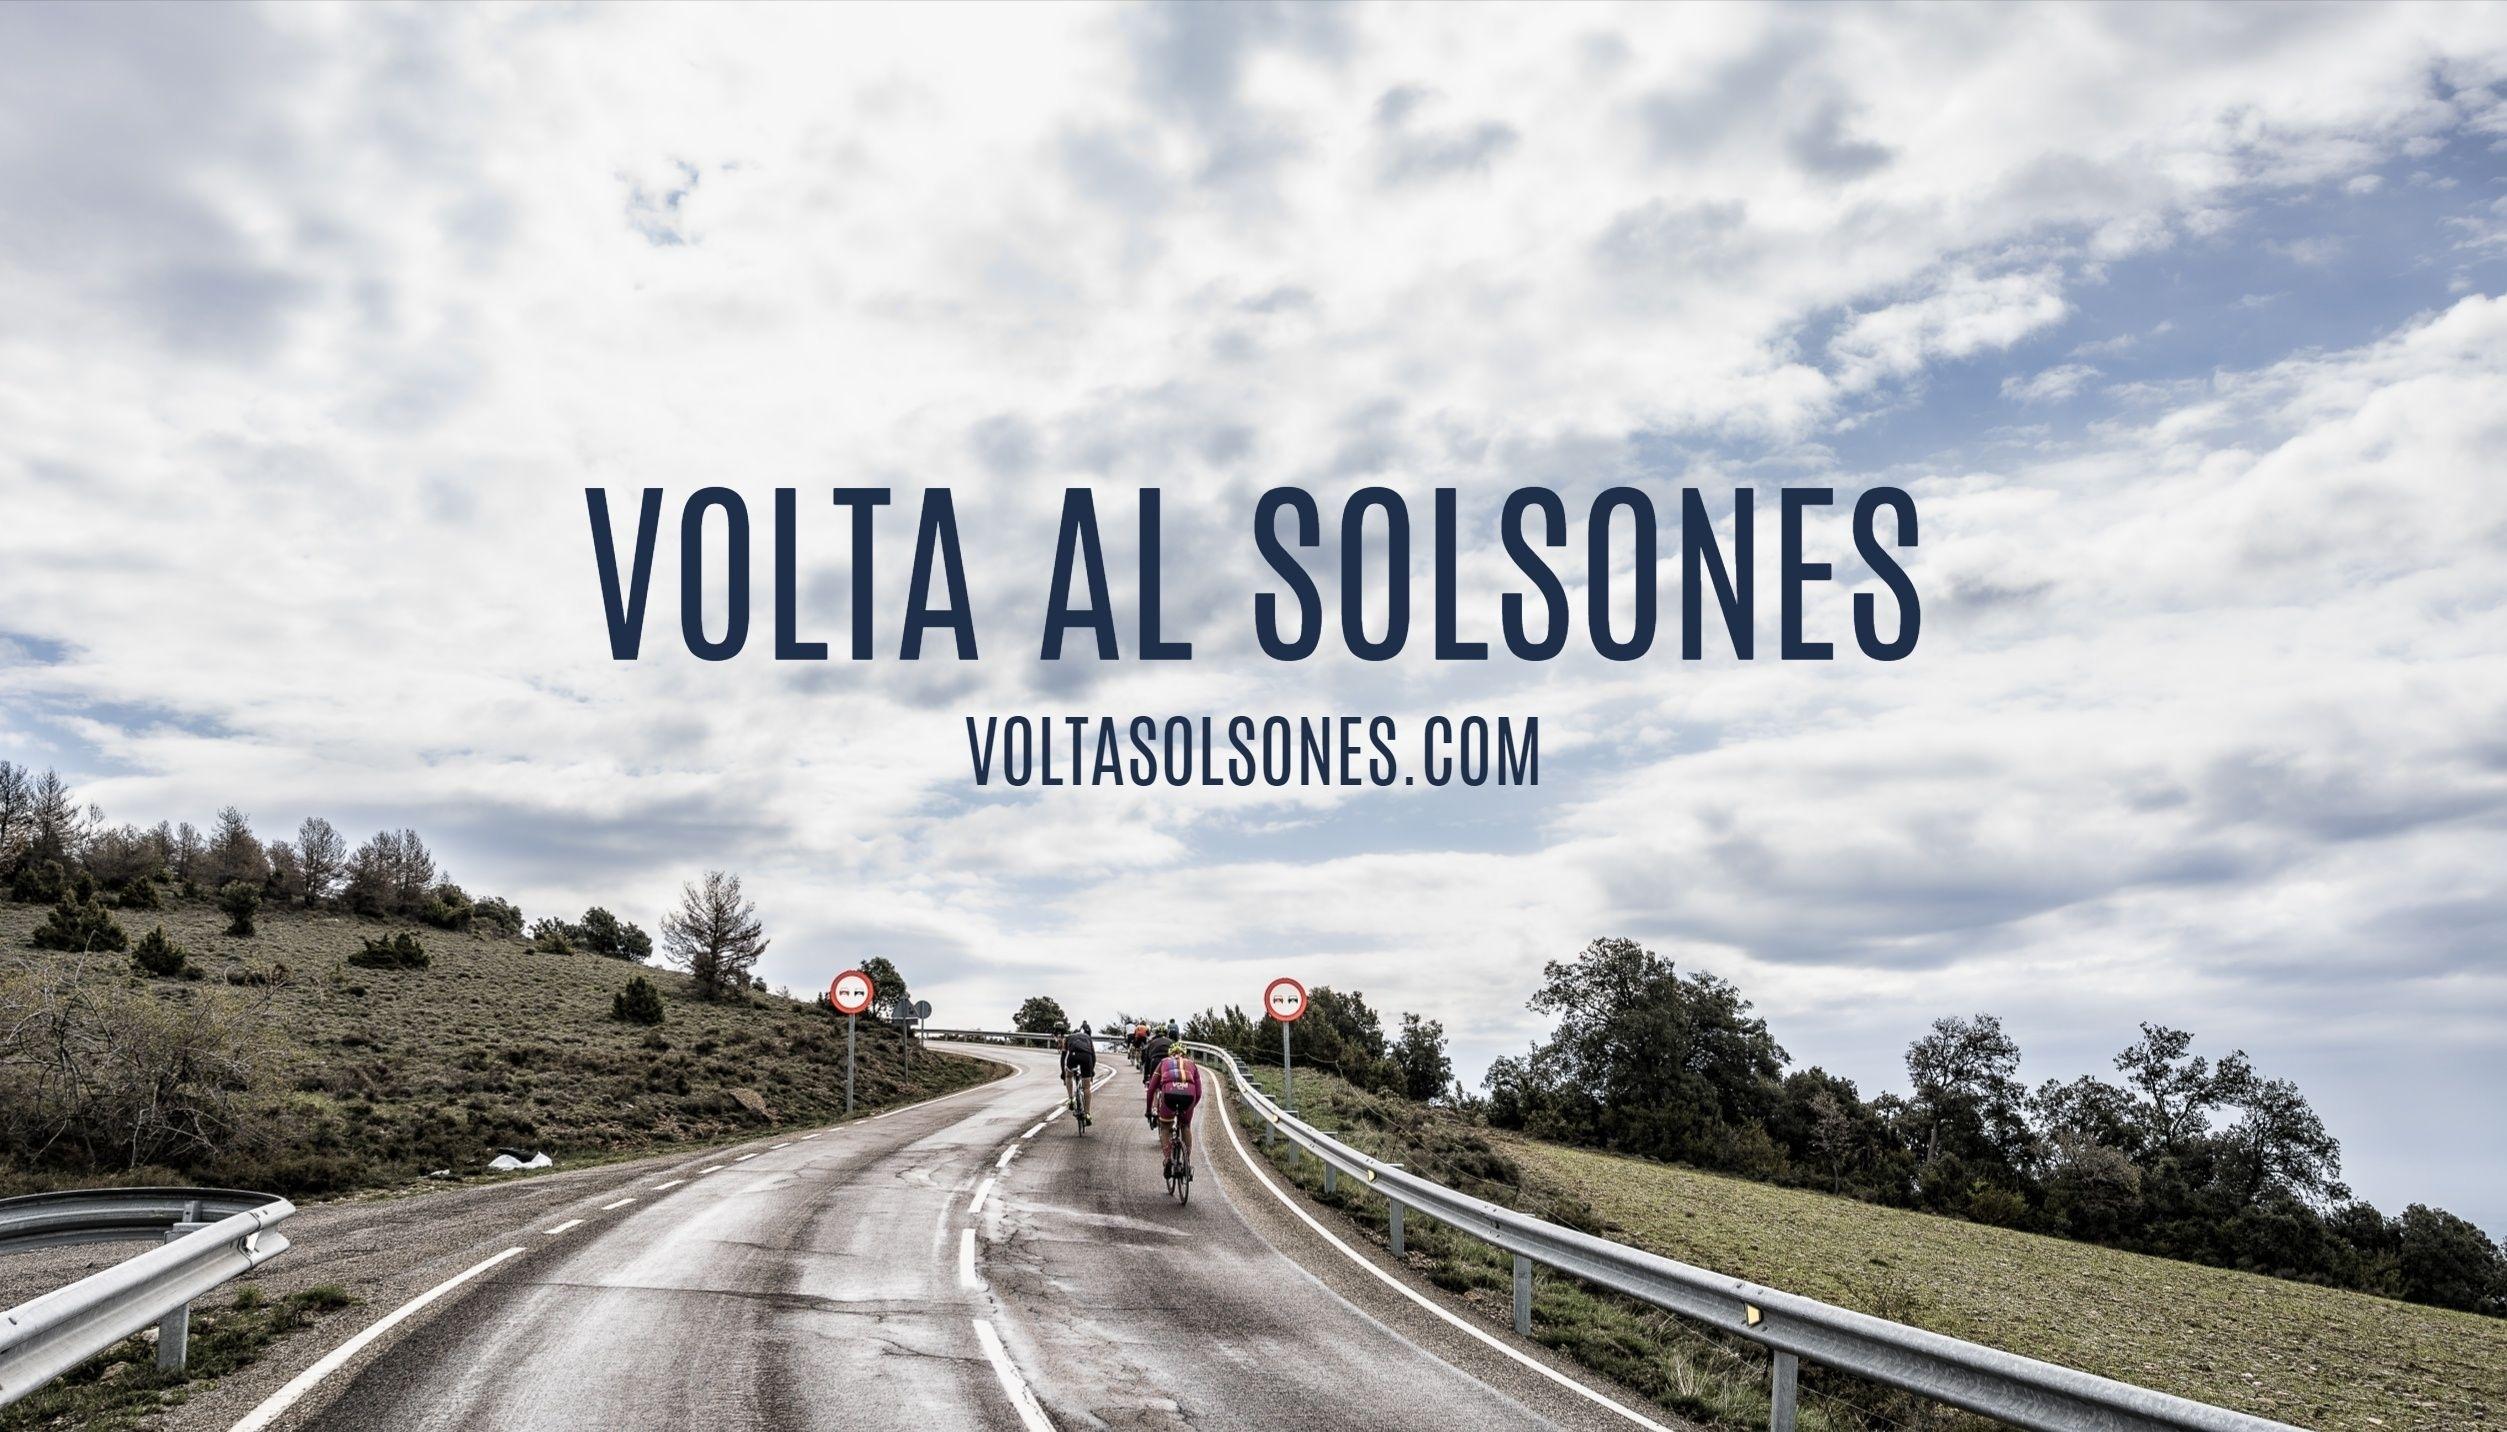 Volta al Solsonès